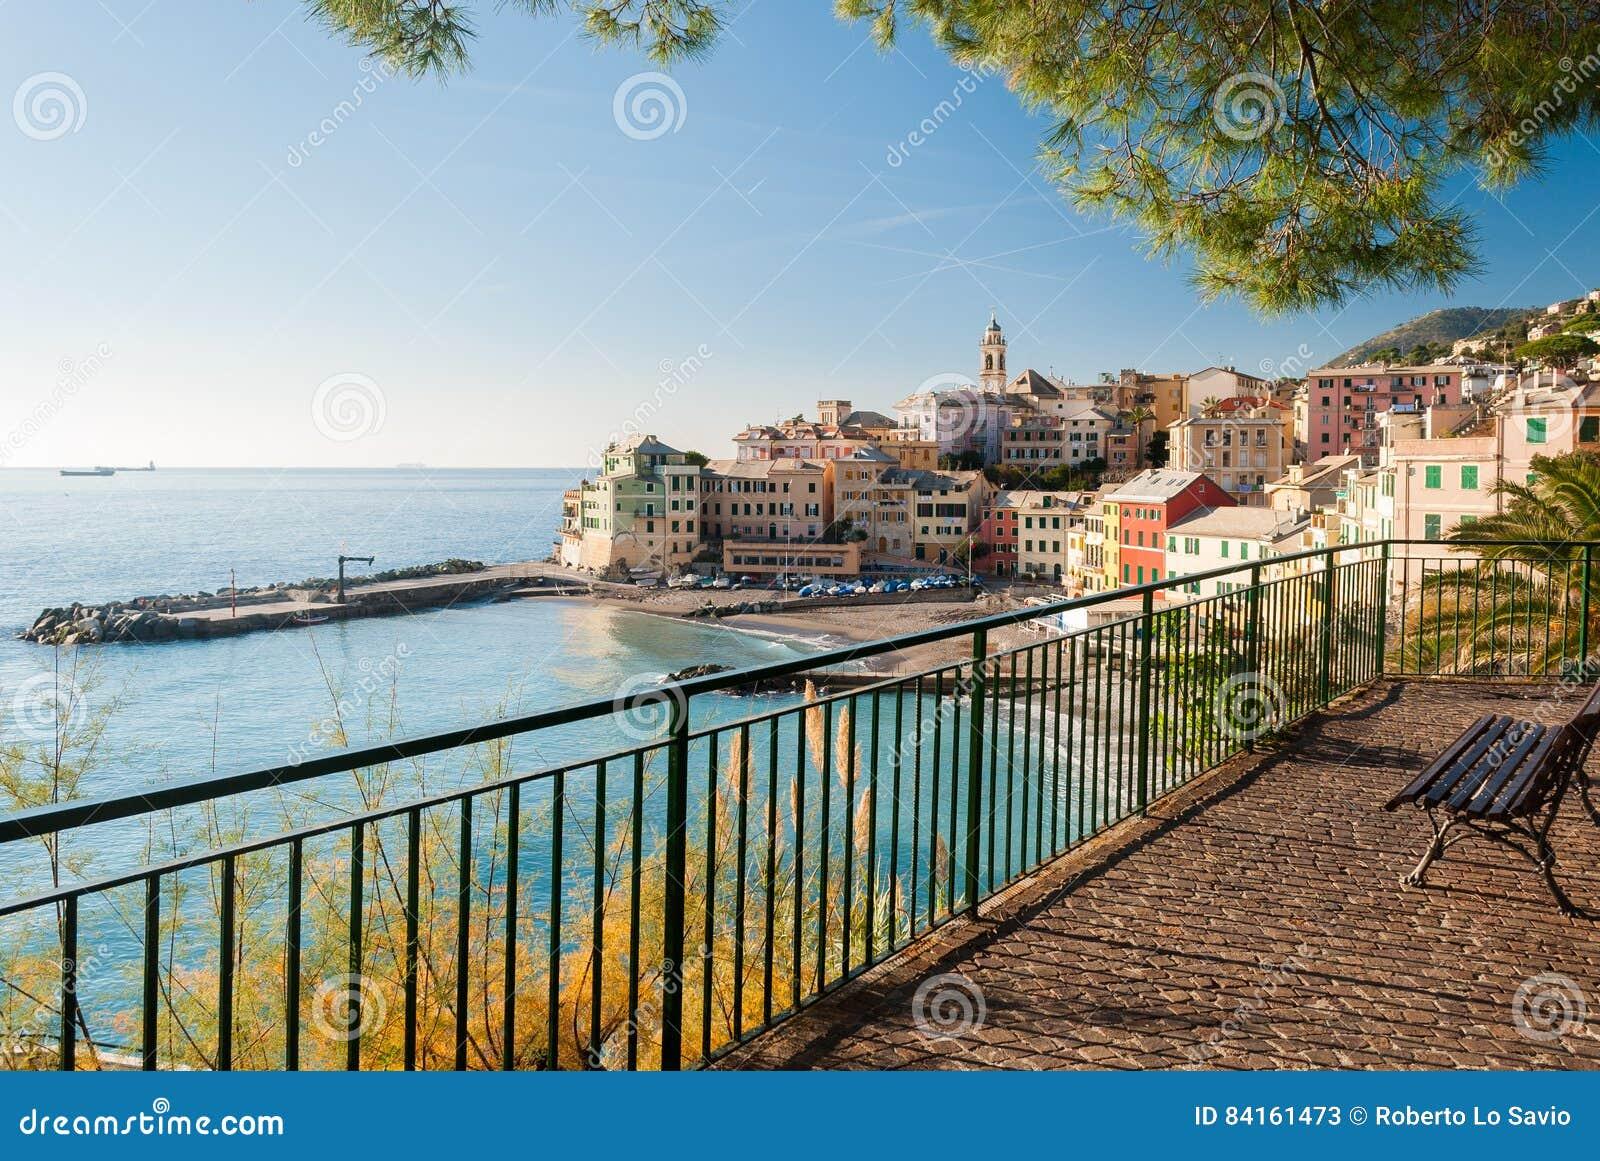 Vista panorámica de Bogliasco, pequeño pueblo del mar cerca de Génova Italia septentrional